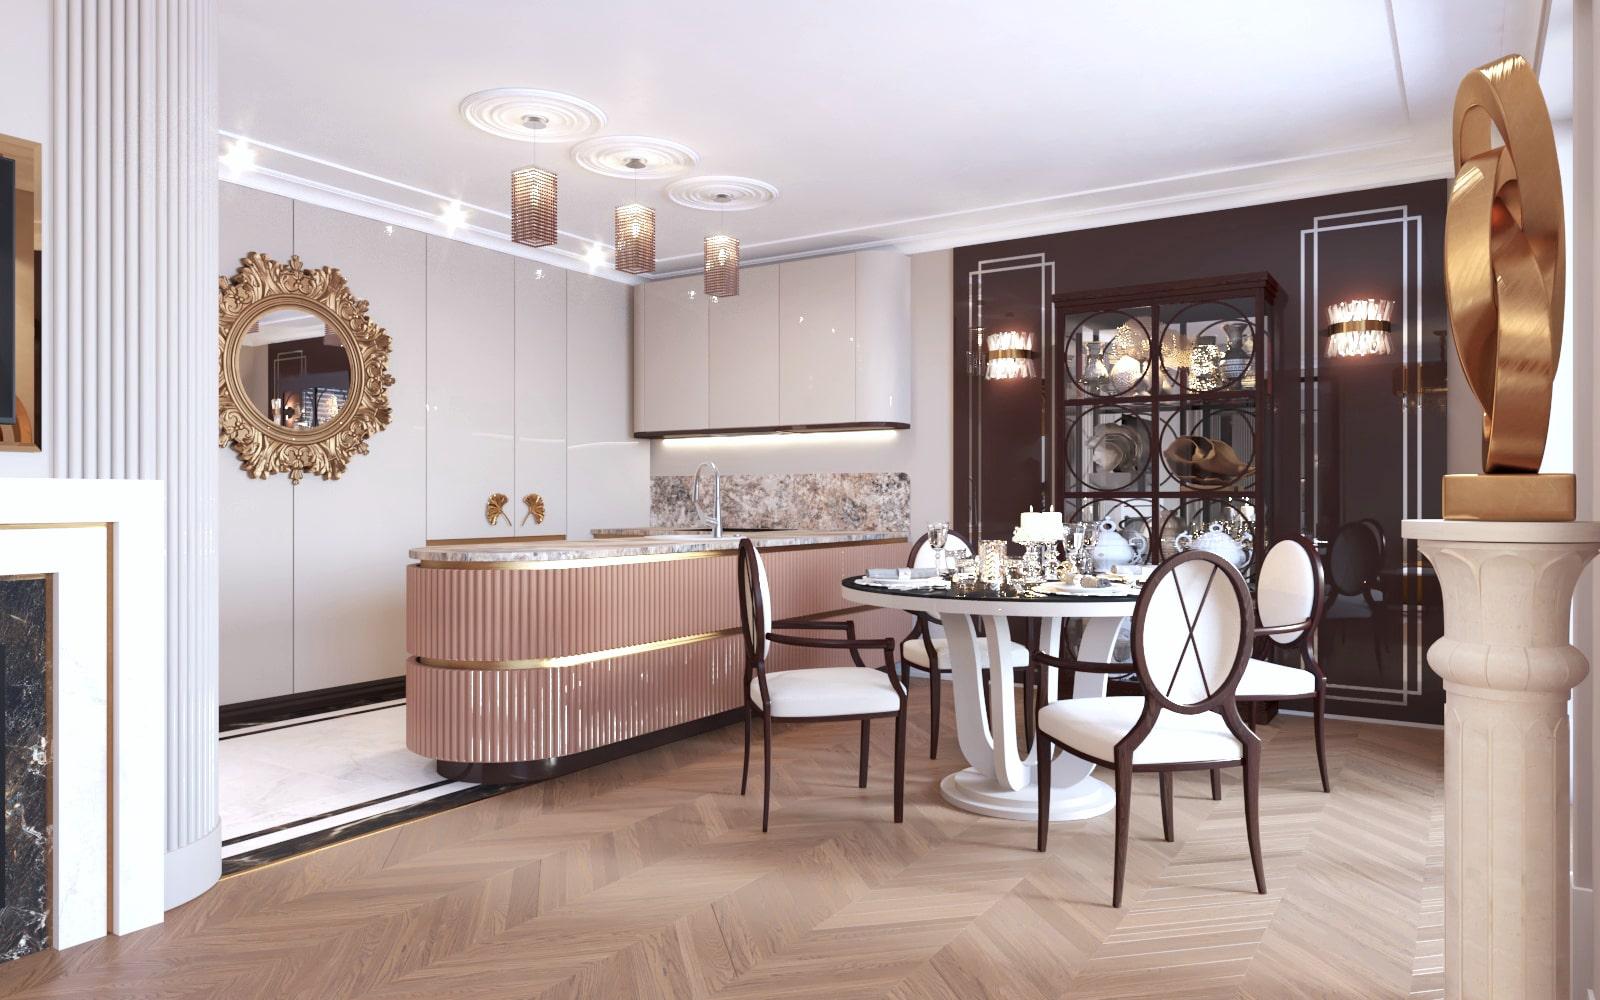 Projekt kuchni wykonany przez projektantów wnętrz z Krakowa.